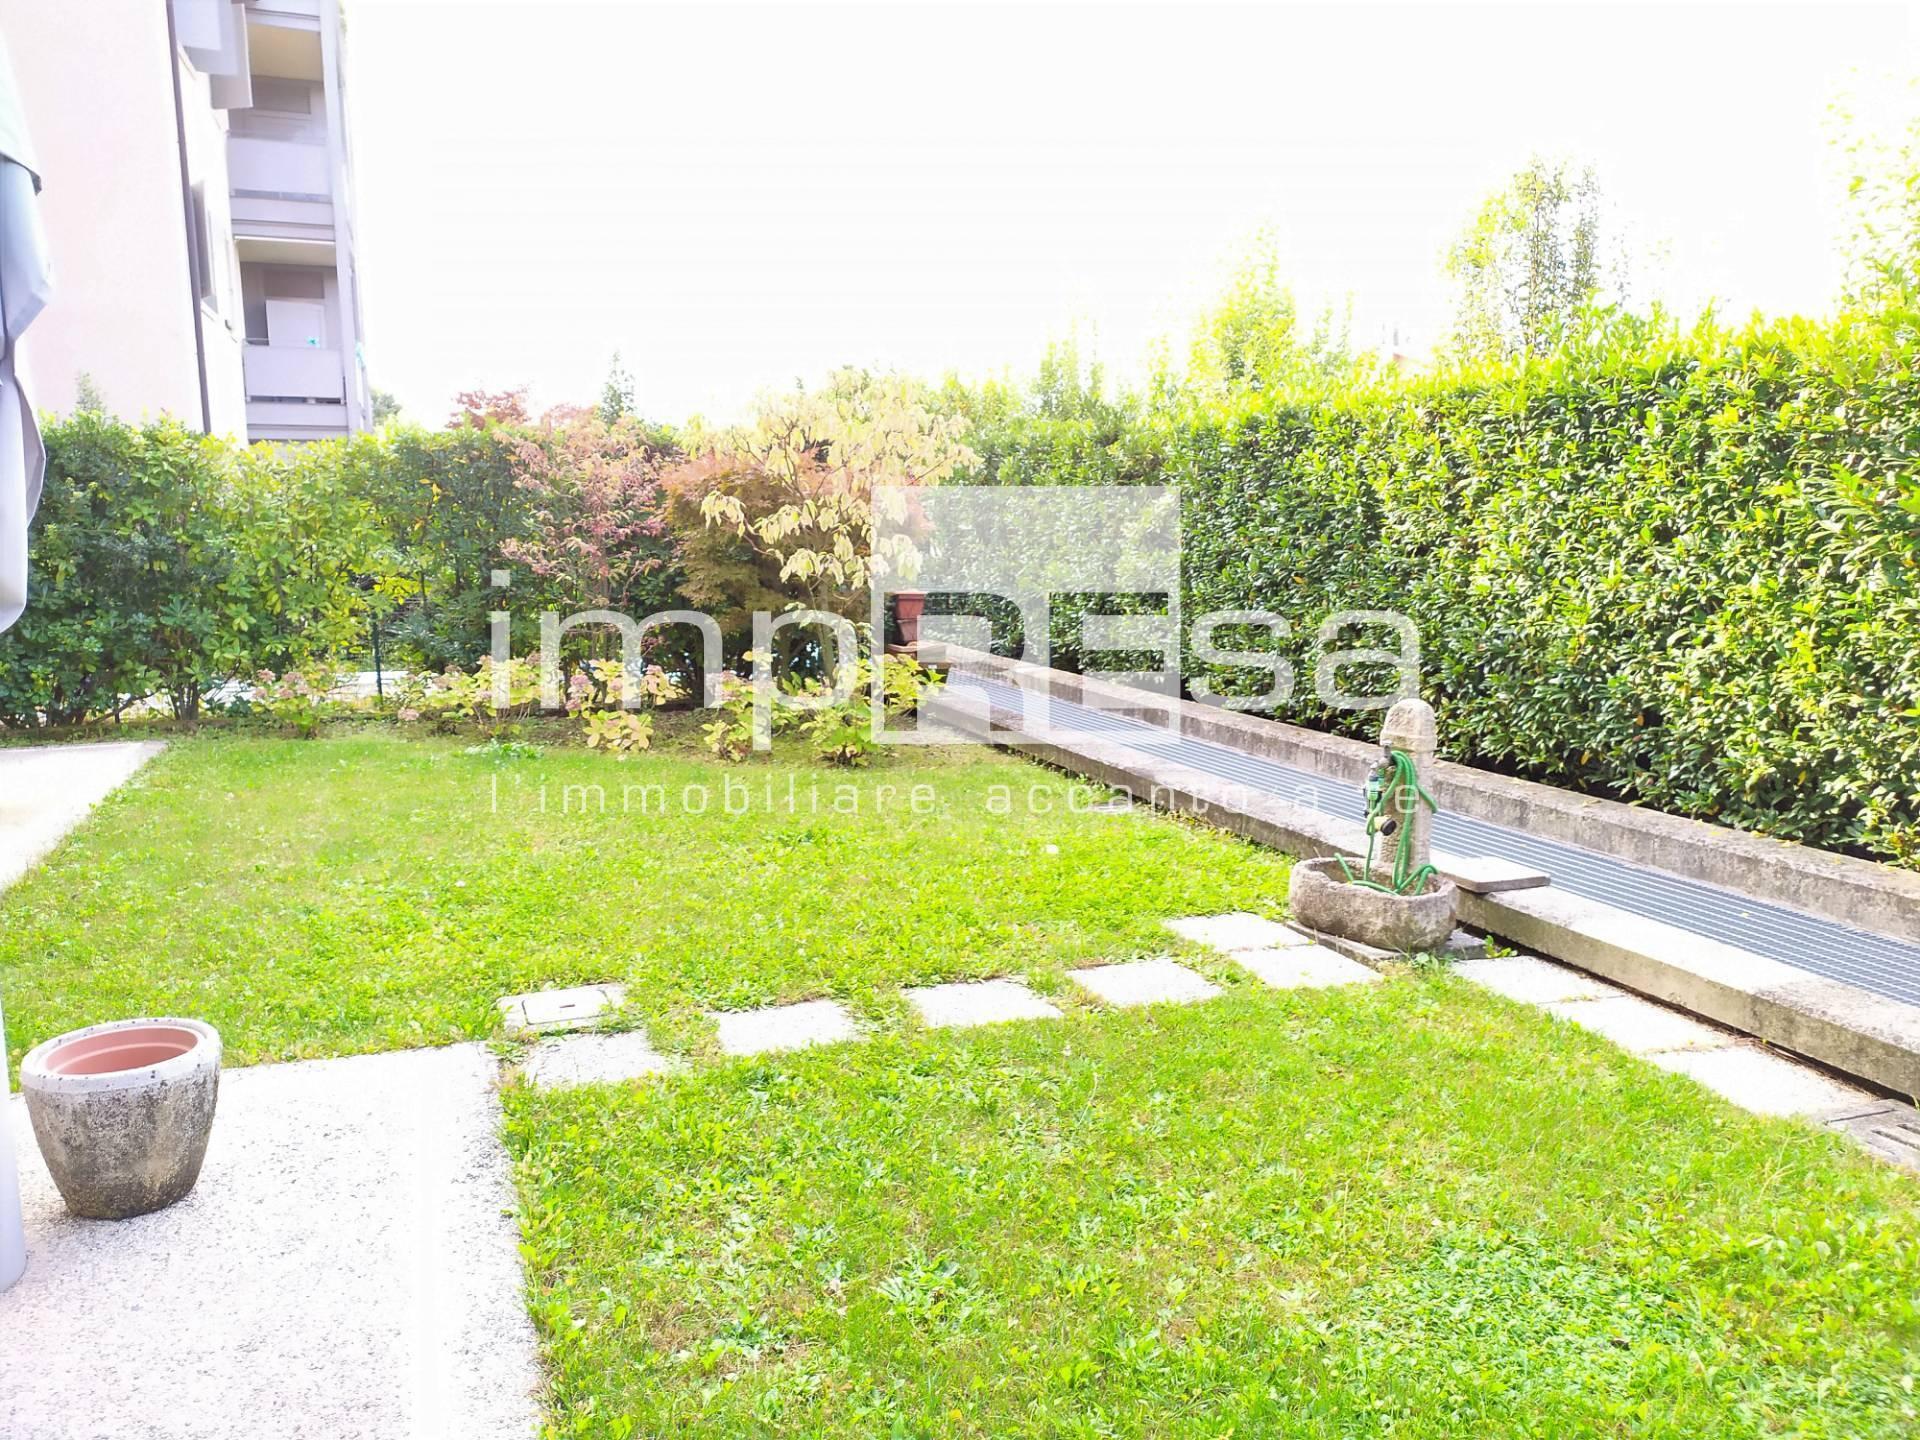 Appartamento in vendita a Santa Lucia di Piave, 4 locali, zona Zona: Sarano, prezzo € 195.000 | CambioCasa.it